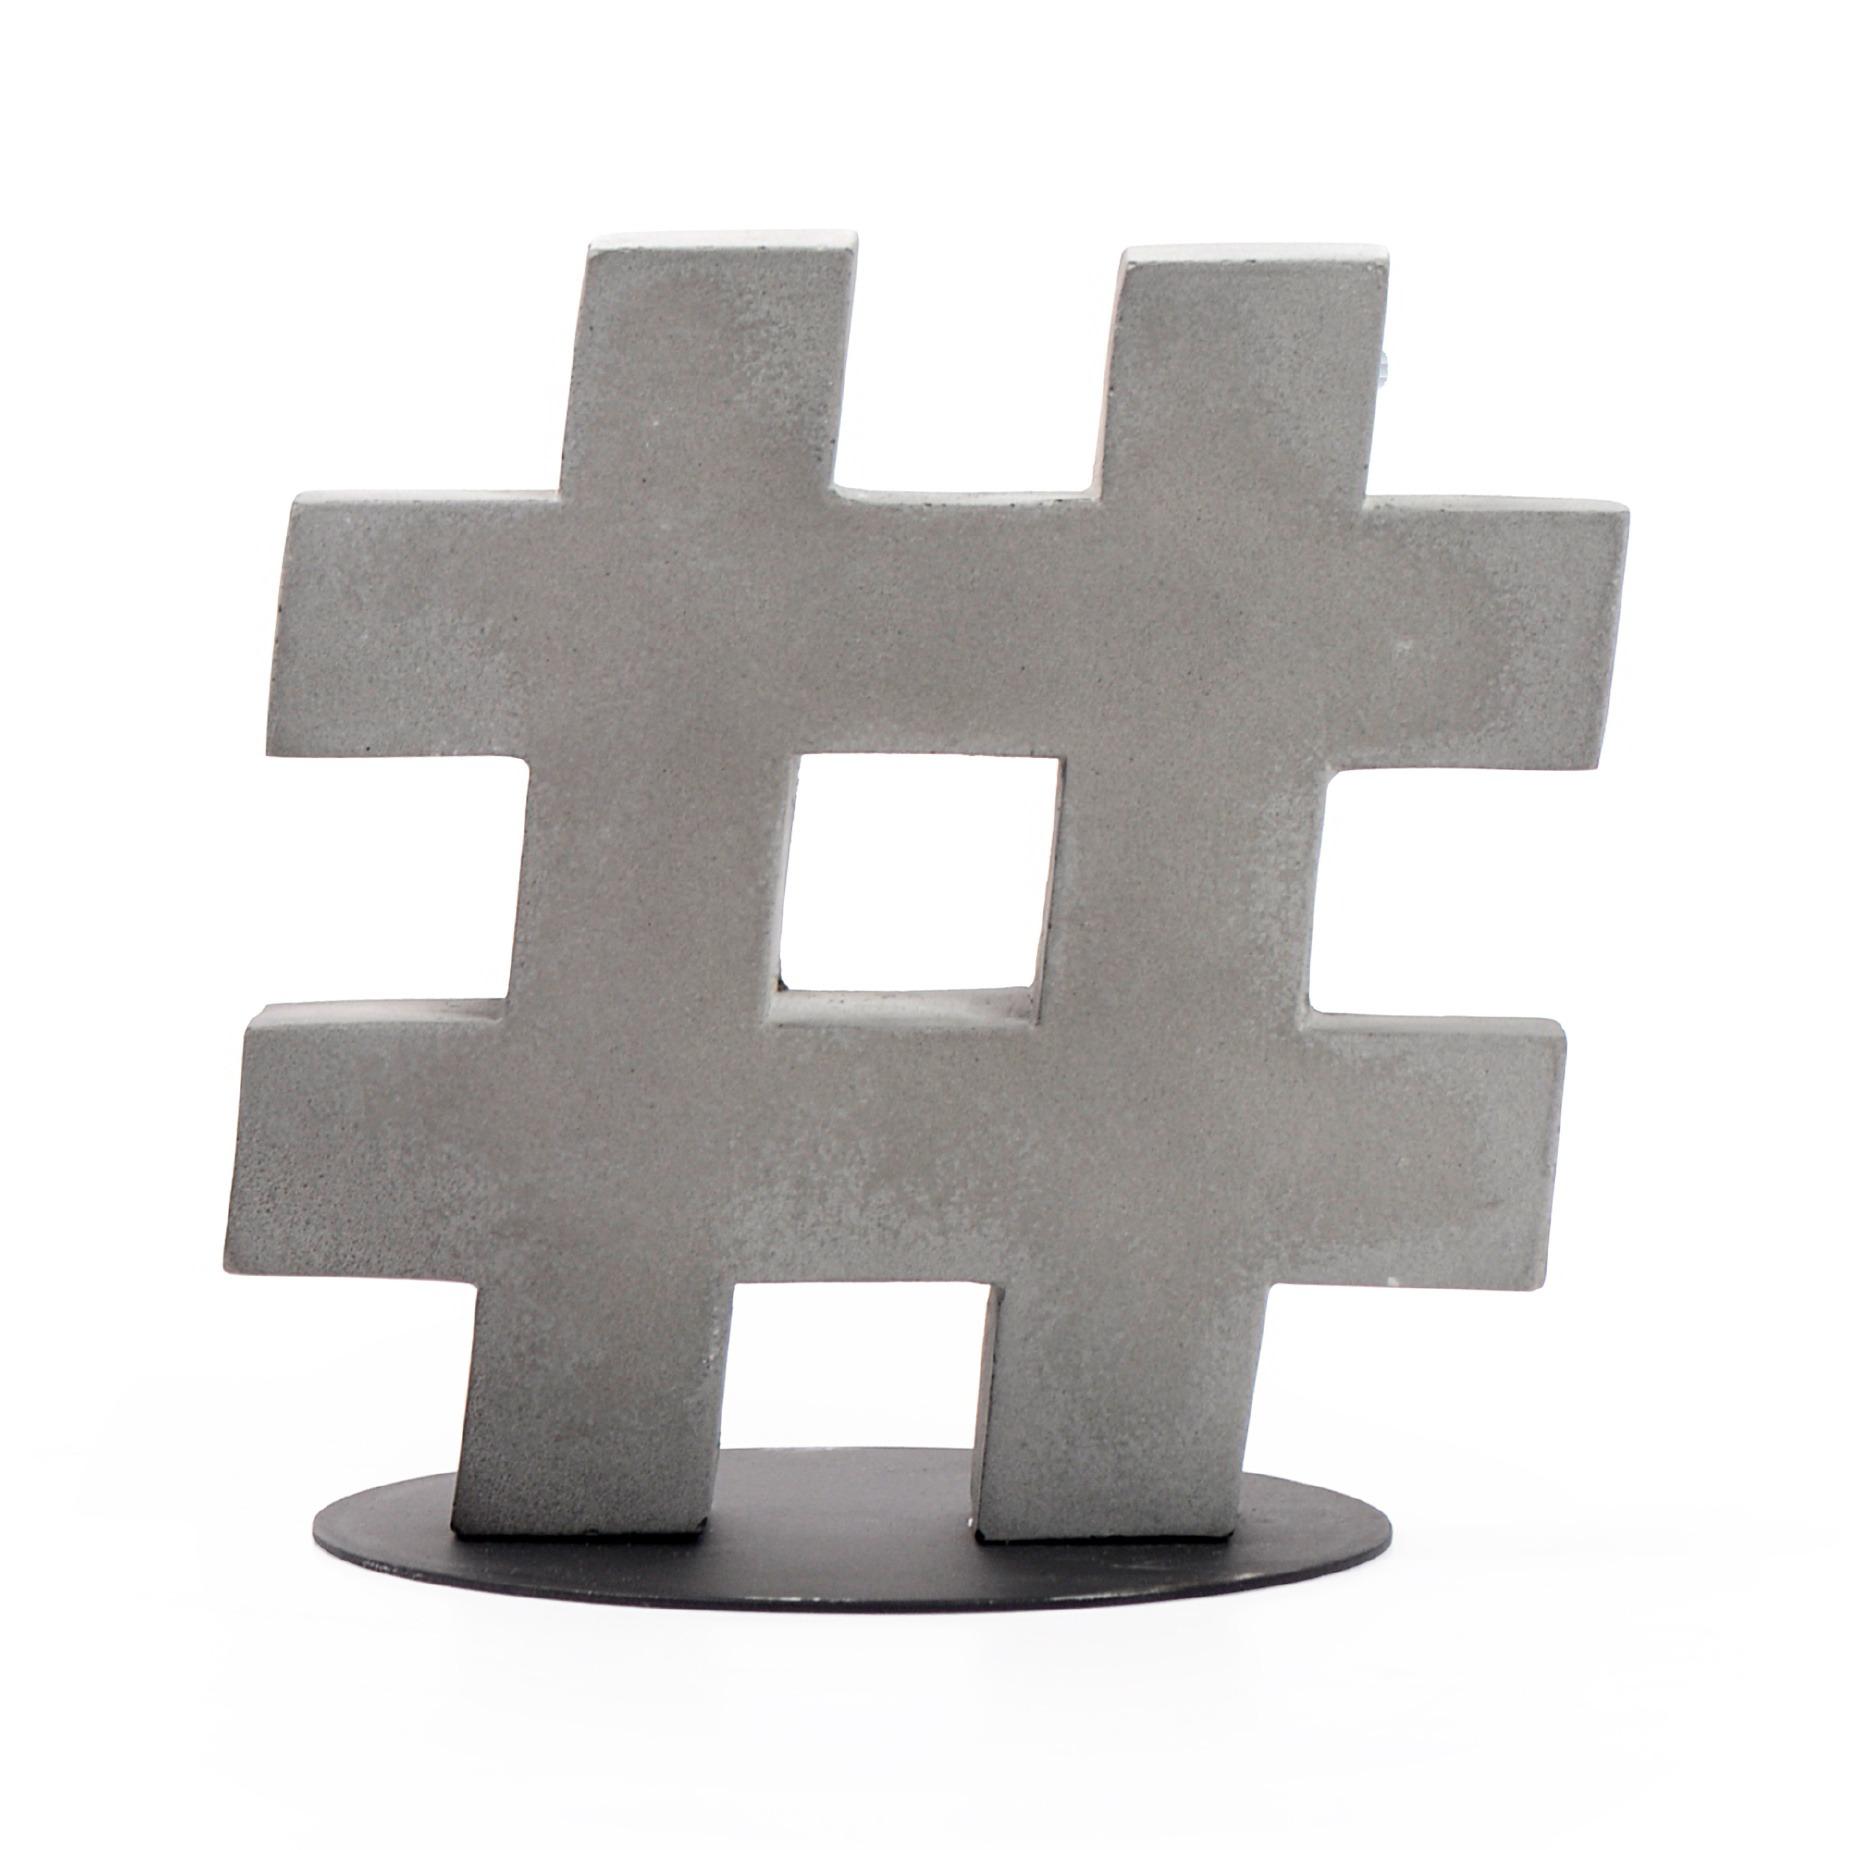 Enfeite Hashtag 14cm de Cimento - Decorglass